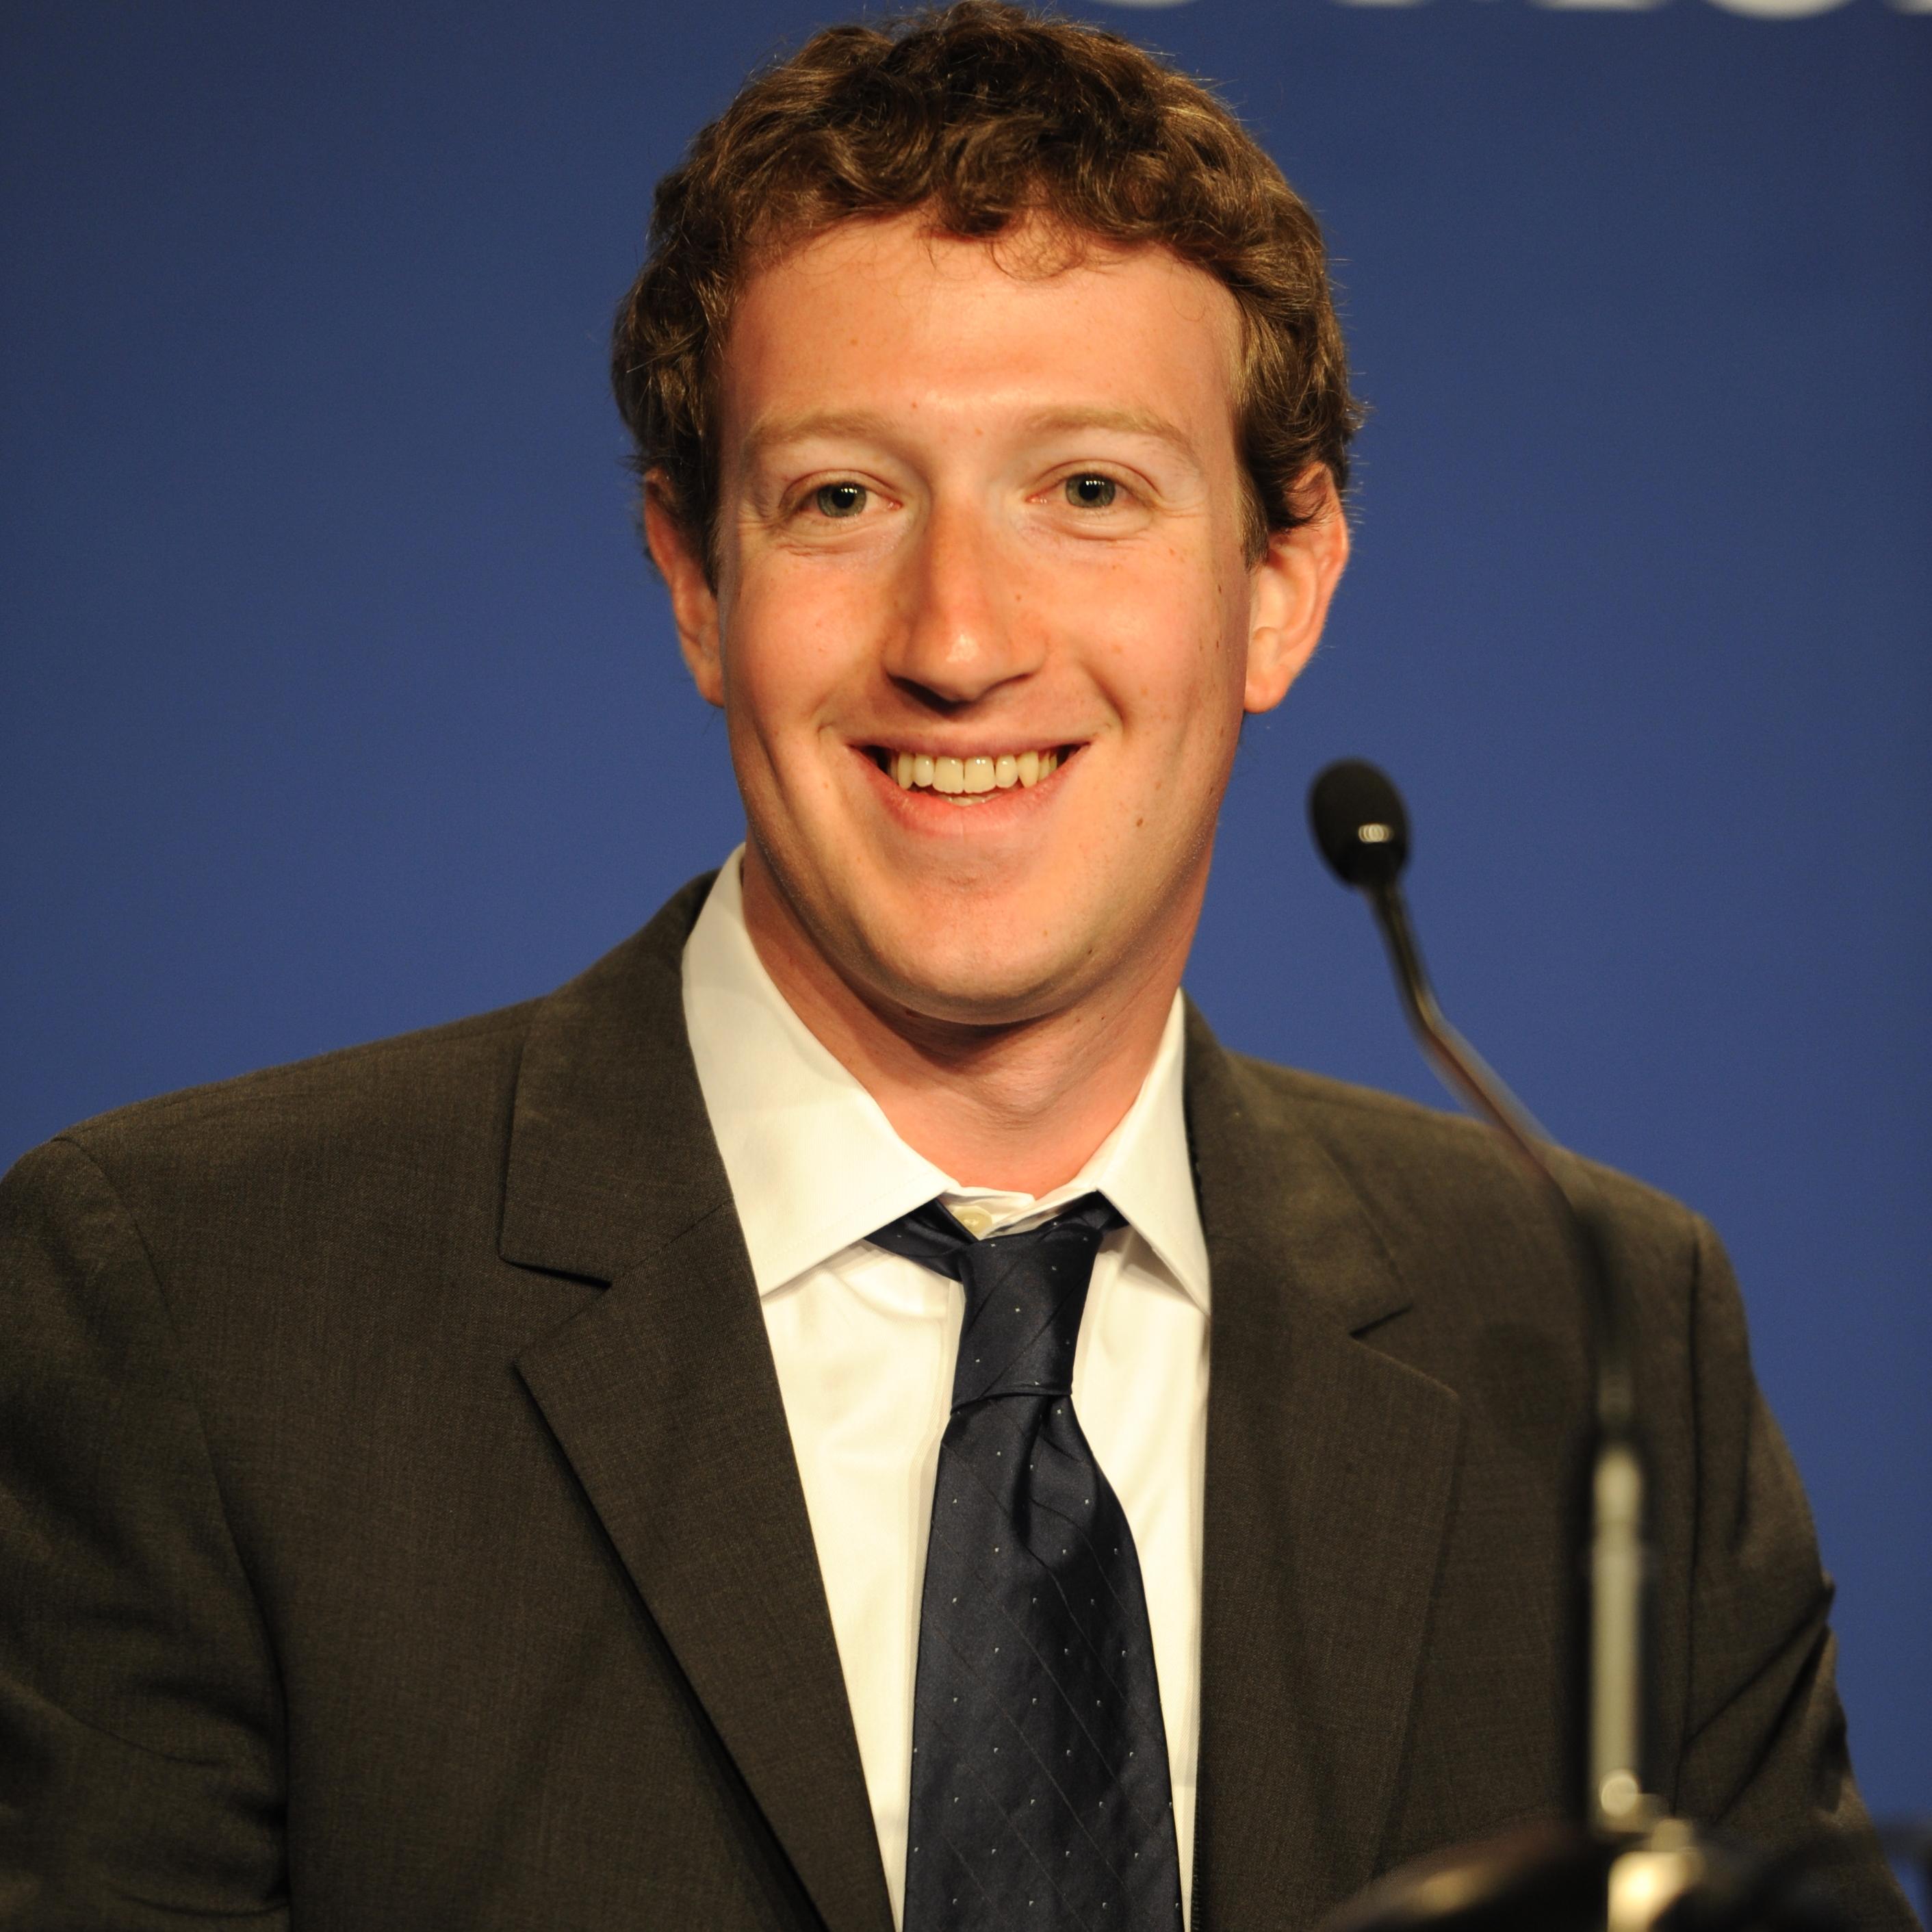 Bienvenue au club littéraire du fondateur de Facebook !